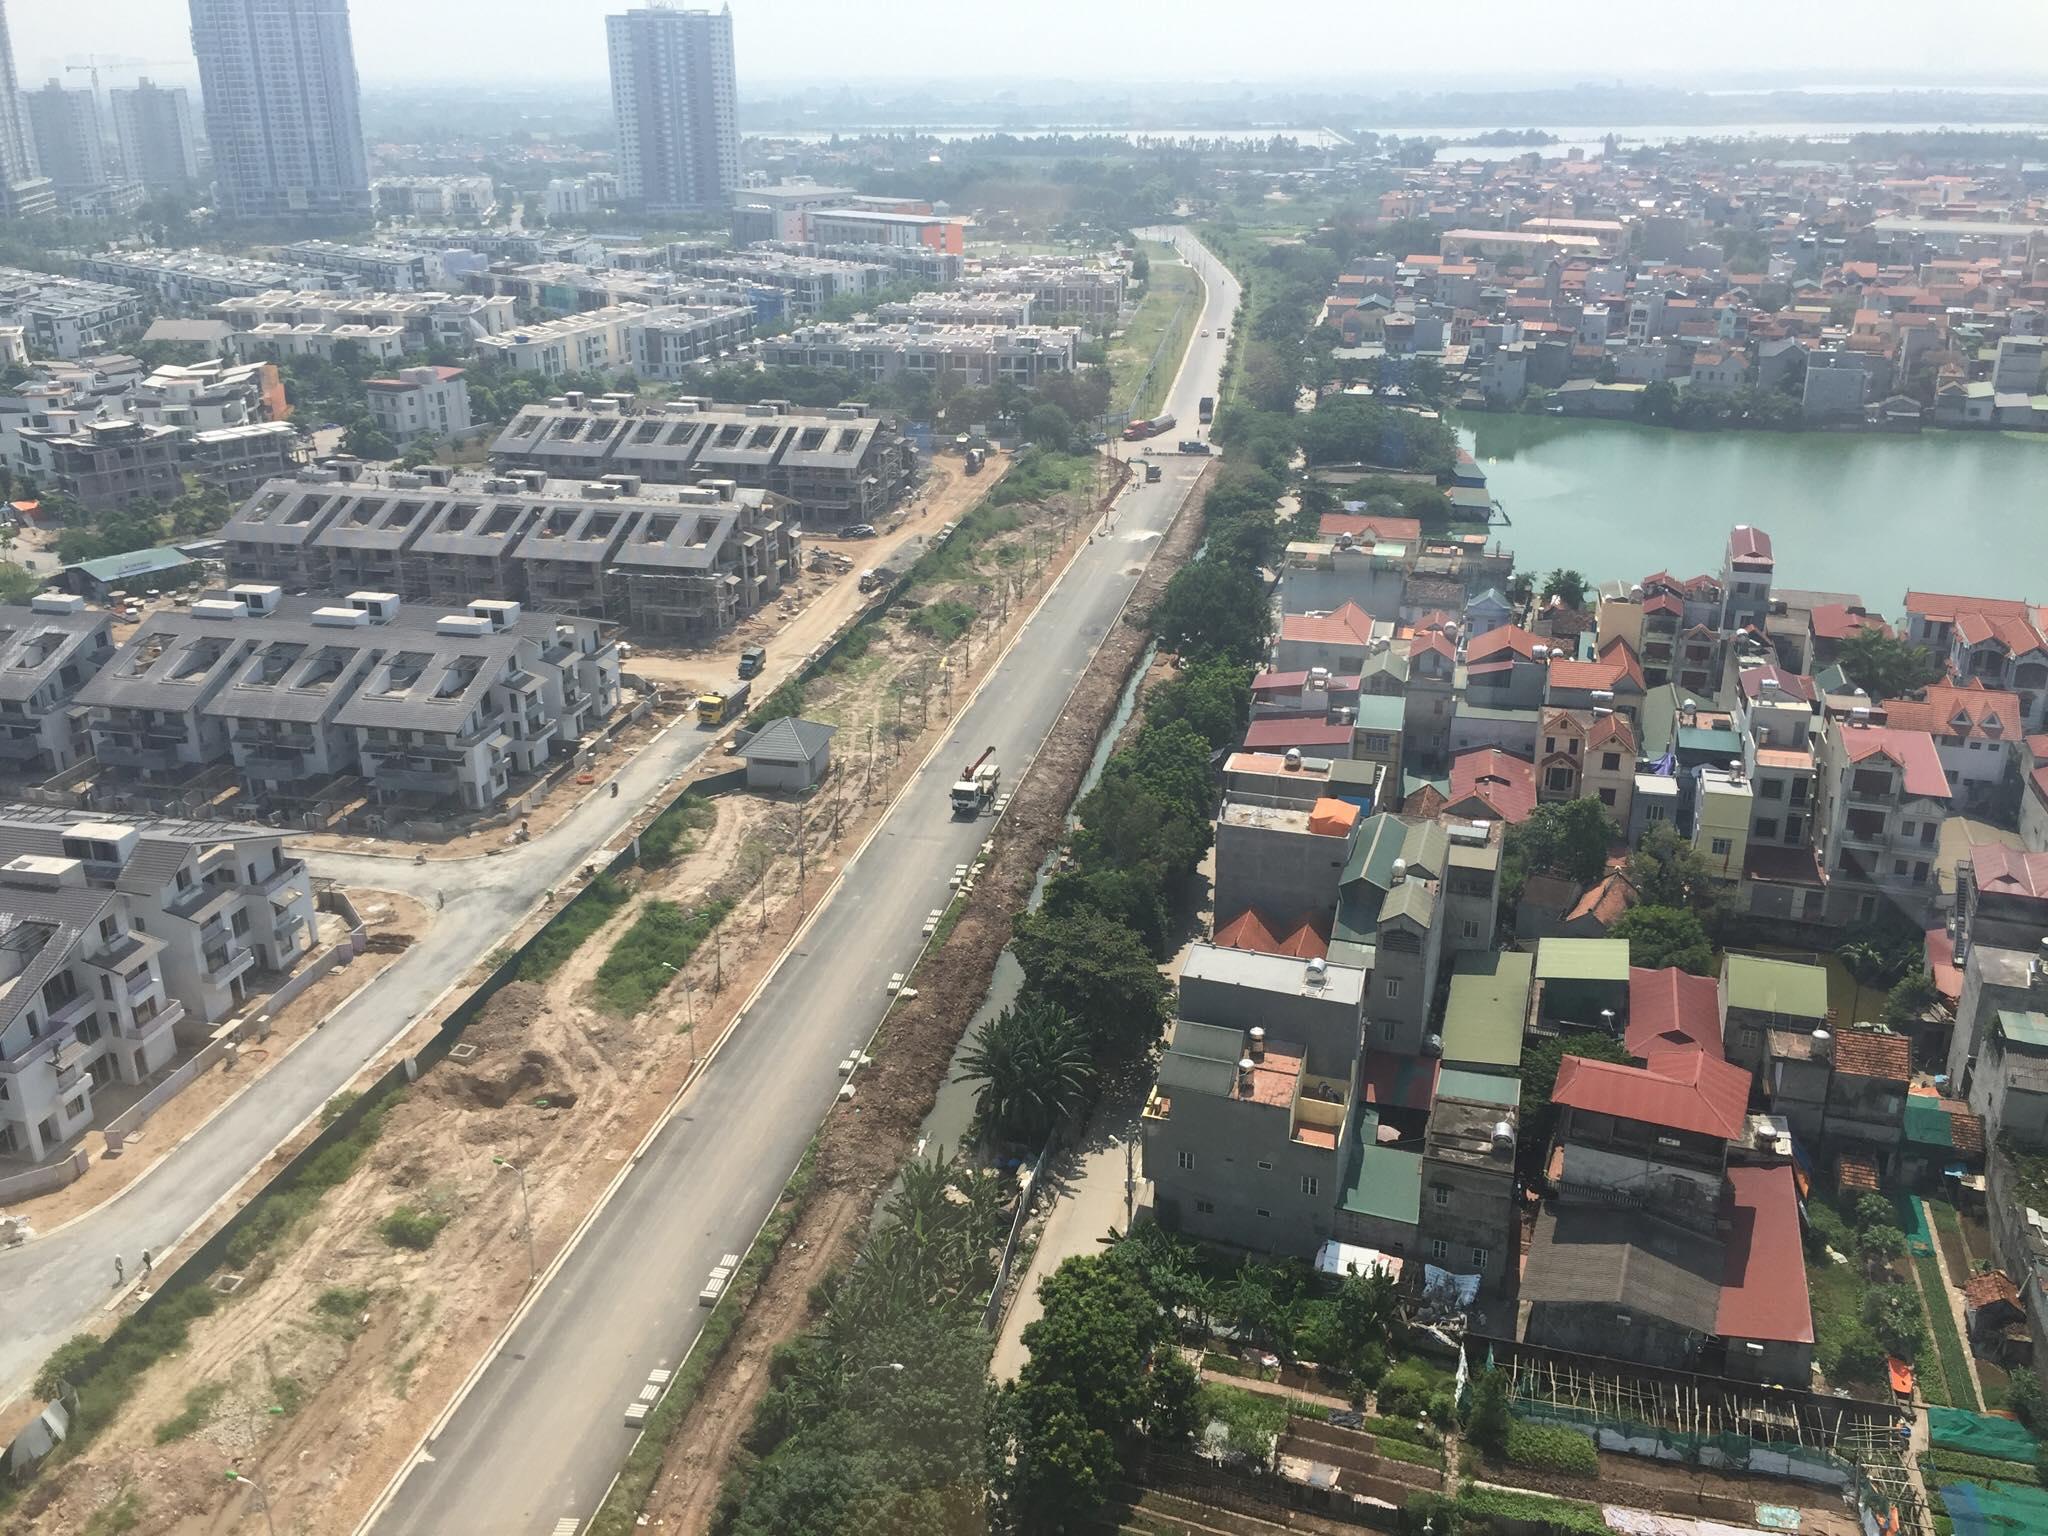 Hệ thống đường giao thông kết nối dự án với các tuyến đường lớn như đường Minh Khai - Vĩnh Tuy - Yên Duyên đang sắp hoàn thành. Cùng với đó, các tuyến đường Tam Trinh, Lĩnh Nam đang được mở rộng kết nối với  vành đai 2 và vành đai 3 sẽ tạo thuận lợi cho người dân đi lại theo các hướng trong thành phố.